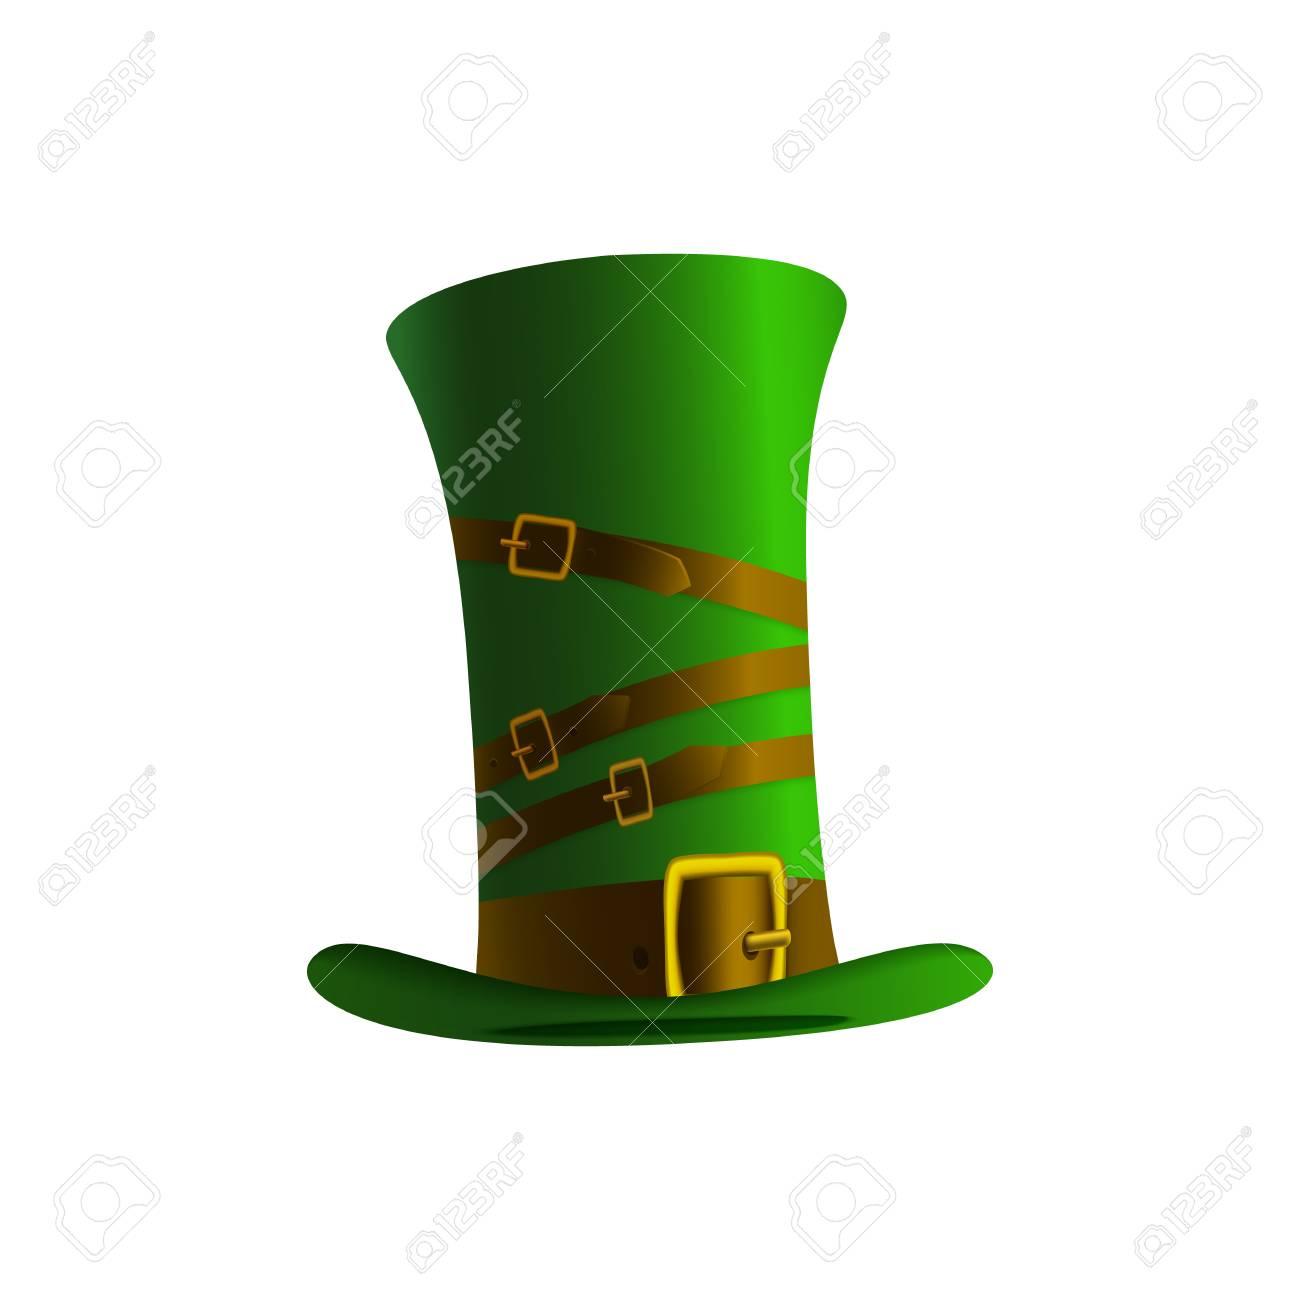 Foto de archivo - Ilustración de un sombrero de leprechaun sobre un fondo  blanco. Sombrero de duende verde para el día de San Patricio. 92790944c57b